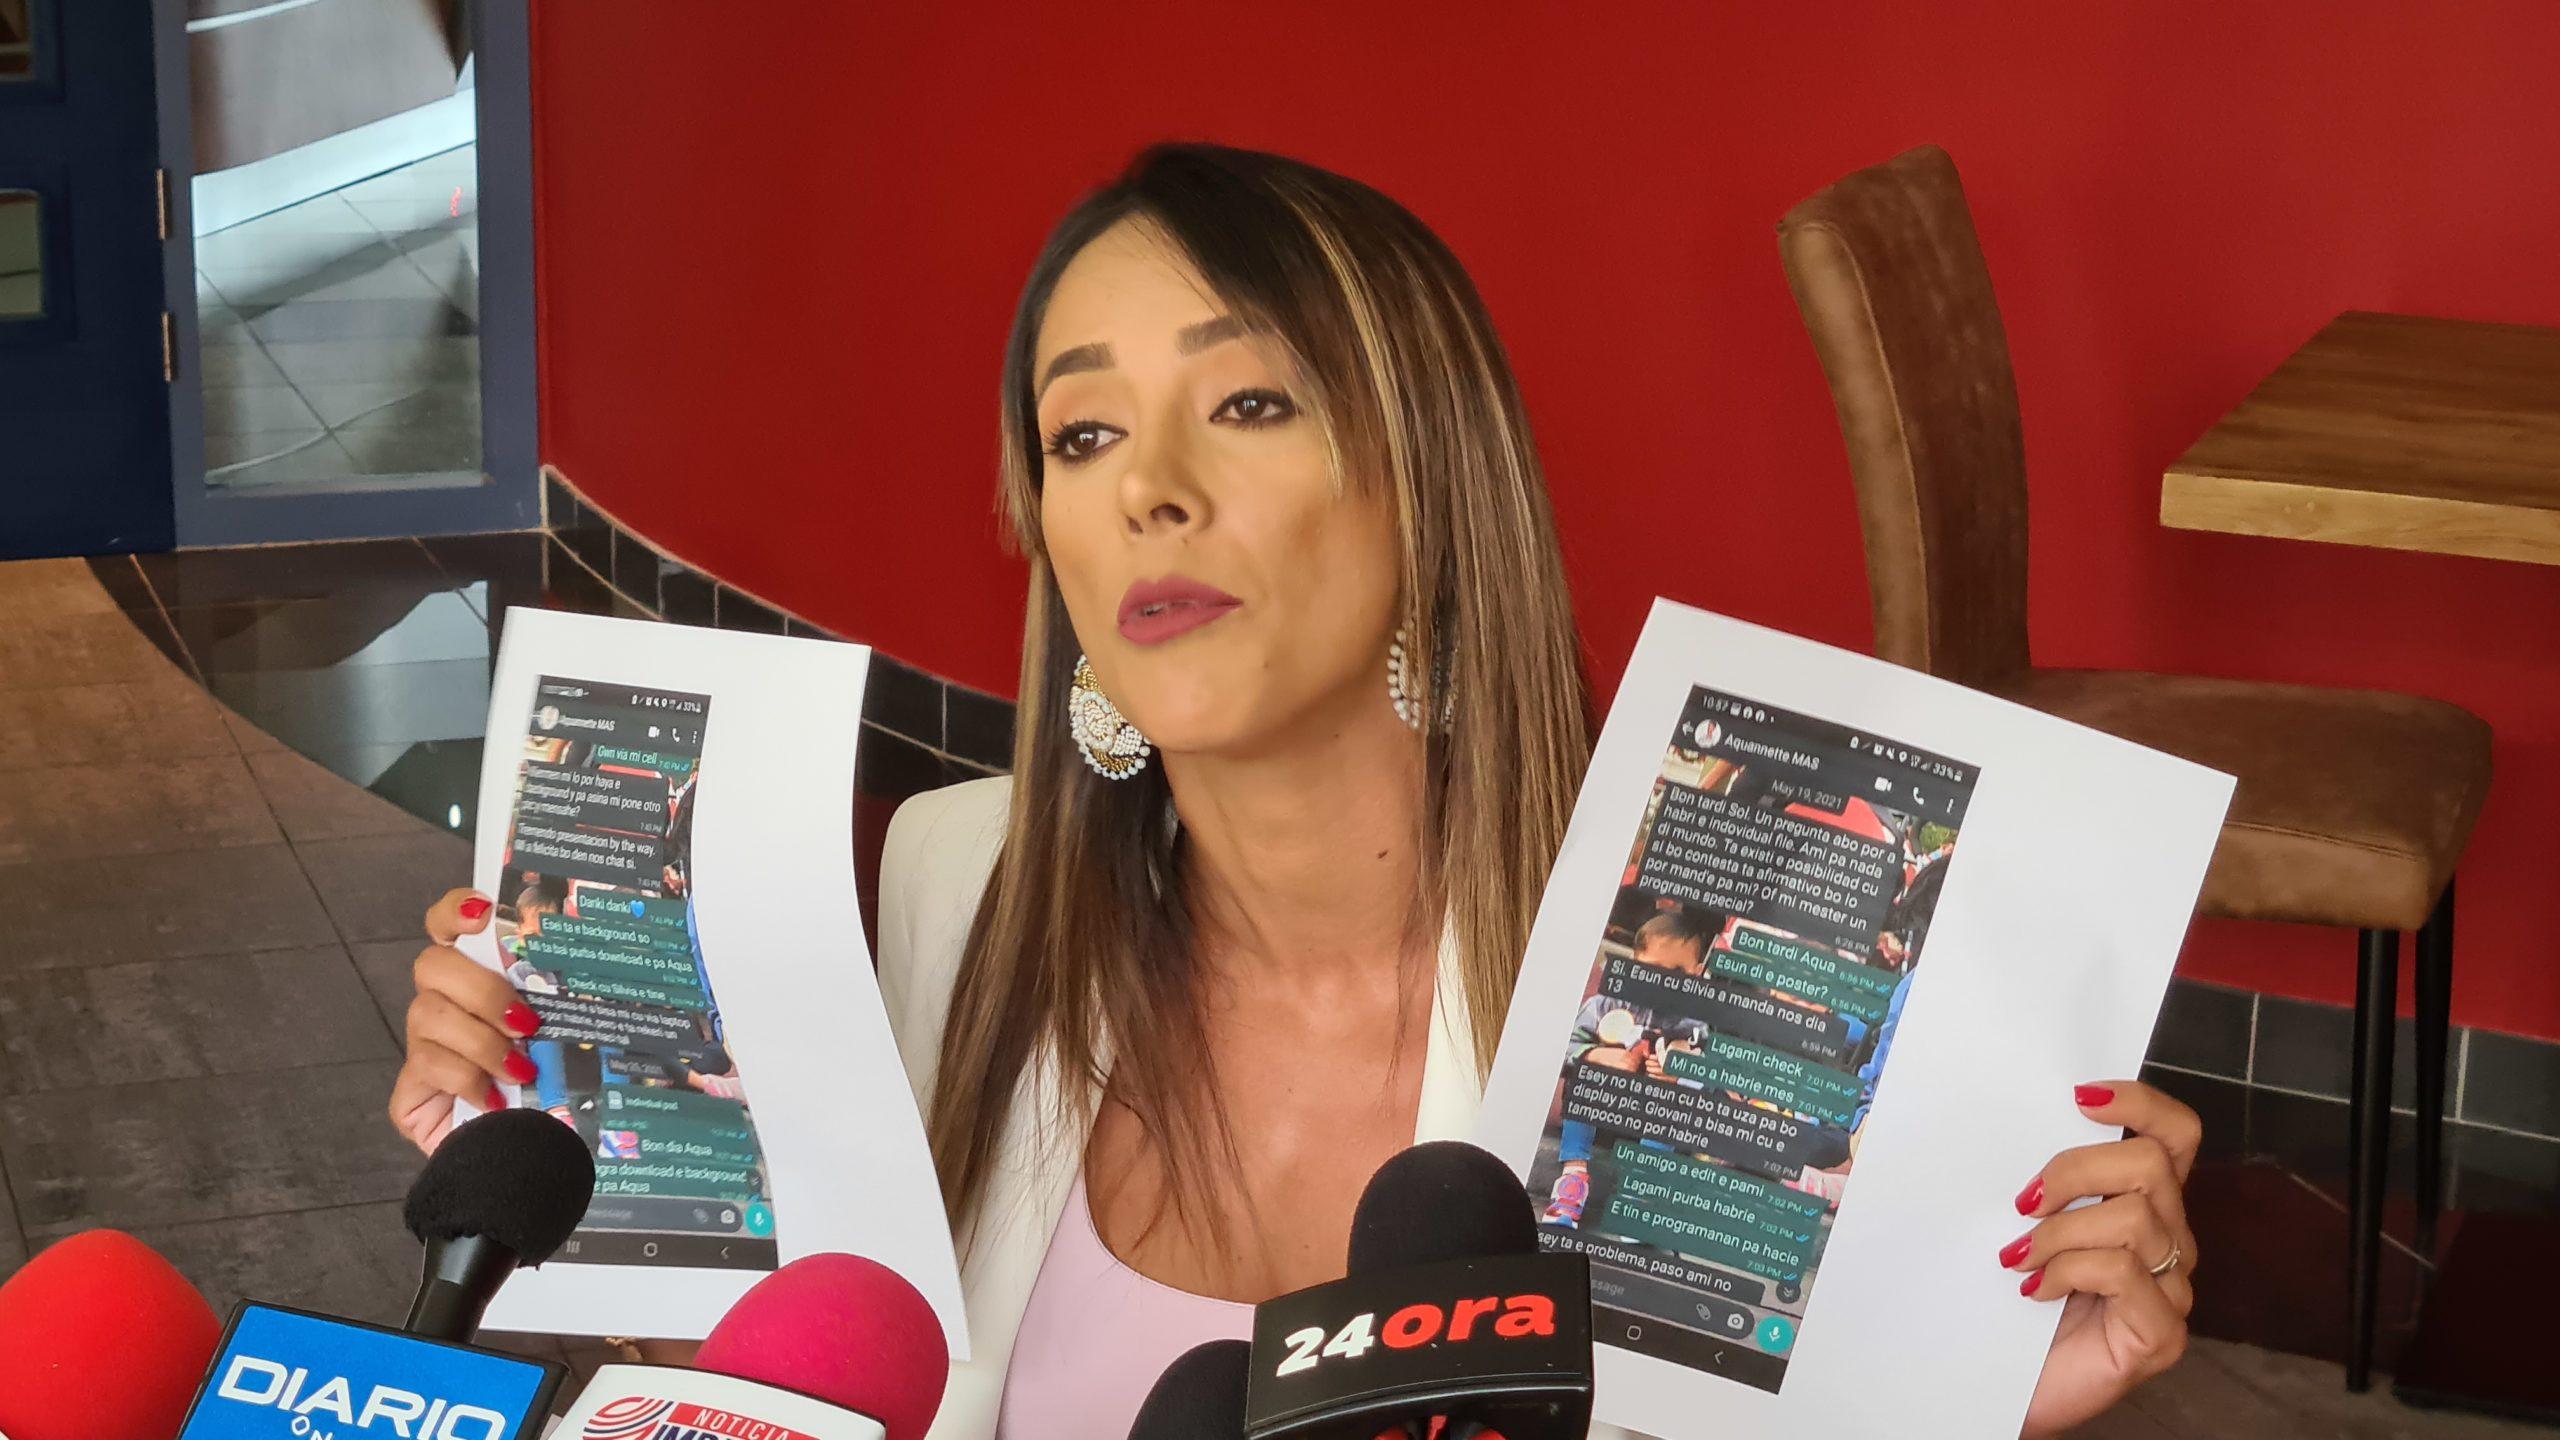 """Solangel Dinmohamed-Lacle: """"Ma wordo uza y gaña durante henter campaña politico"""""""